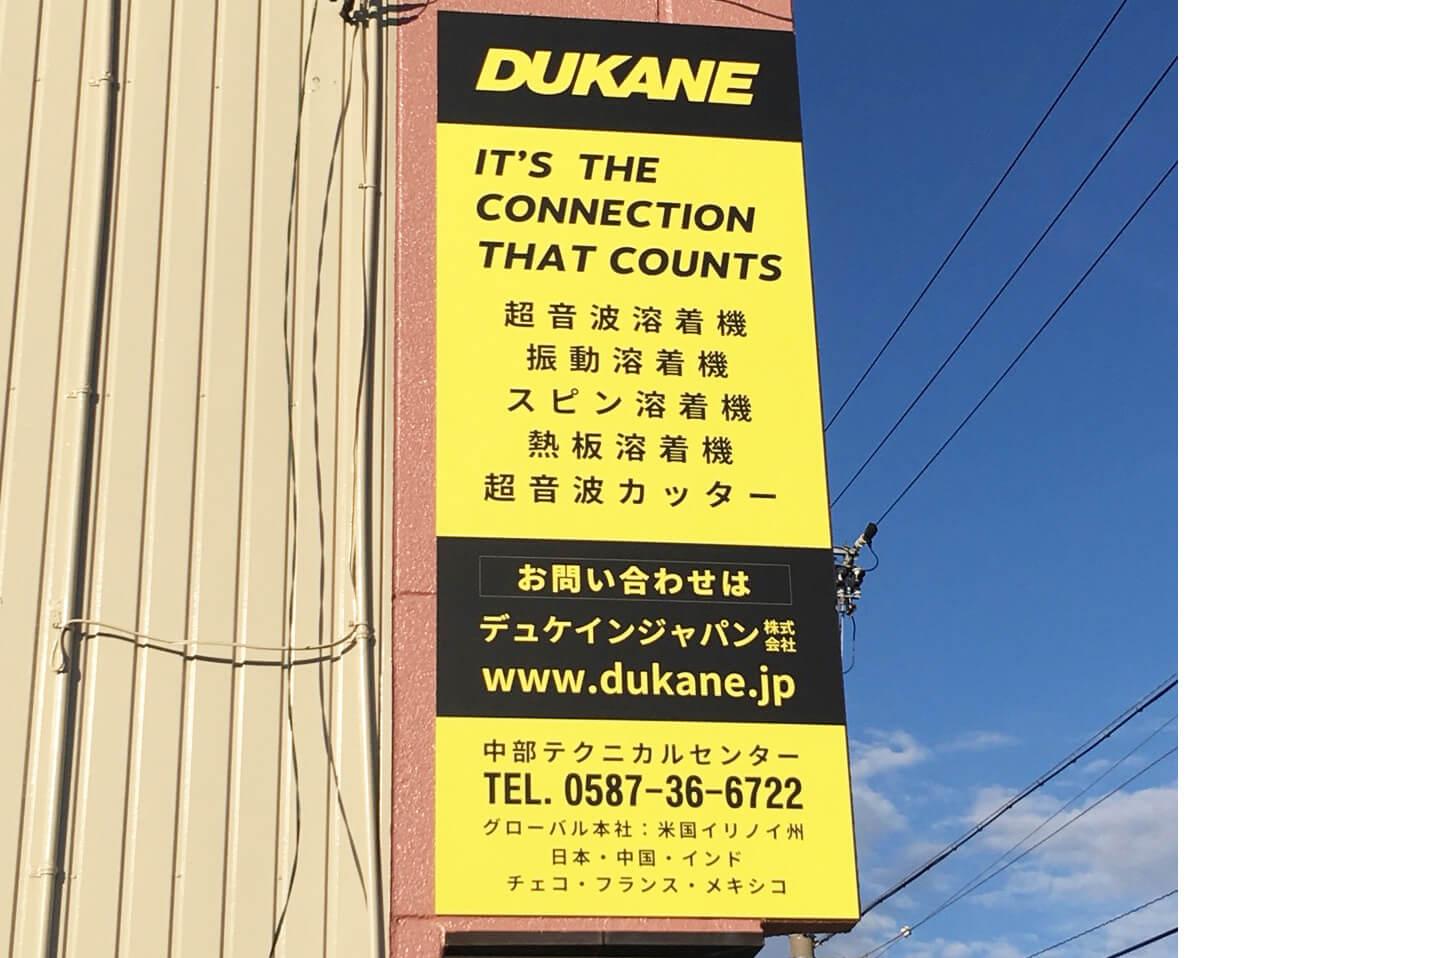 IMG 4090 - 【愛知県】千葉に本社がある会社の新事業所の看板施工を担当させていただきました。